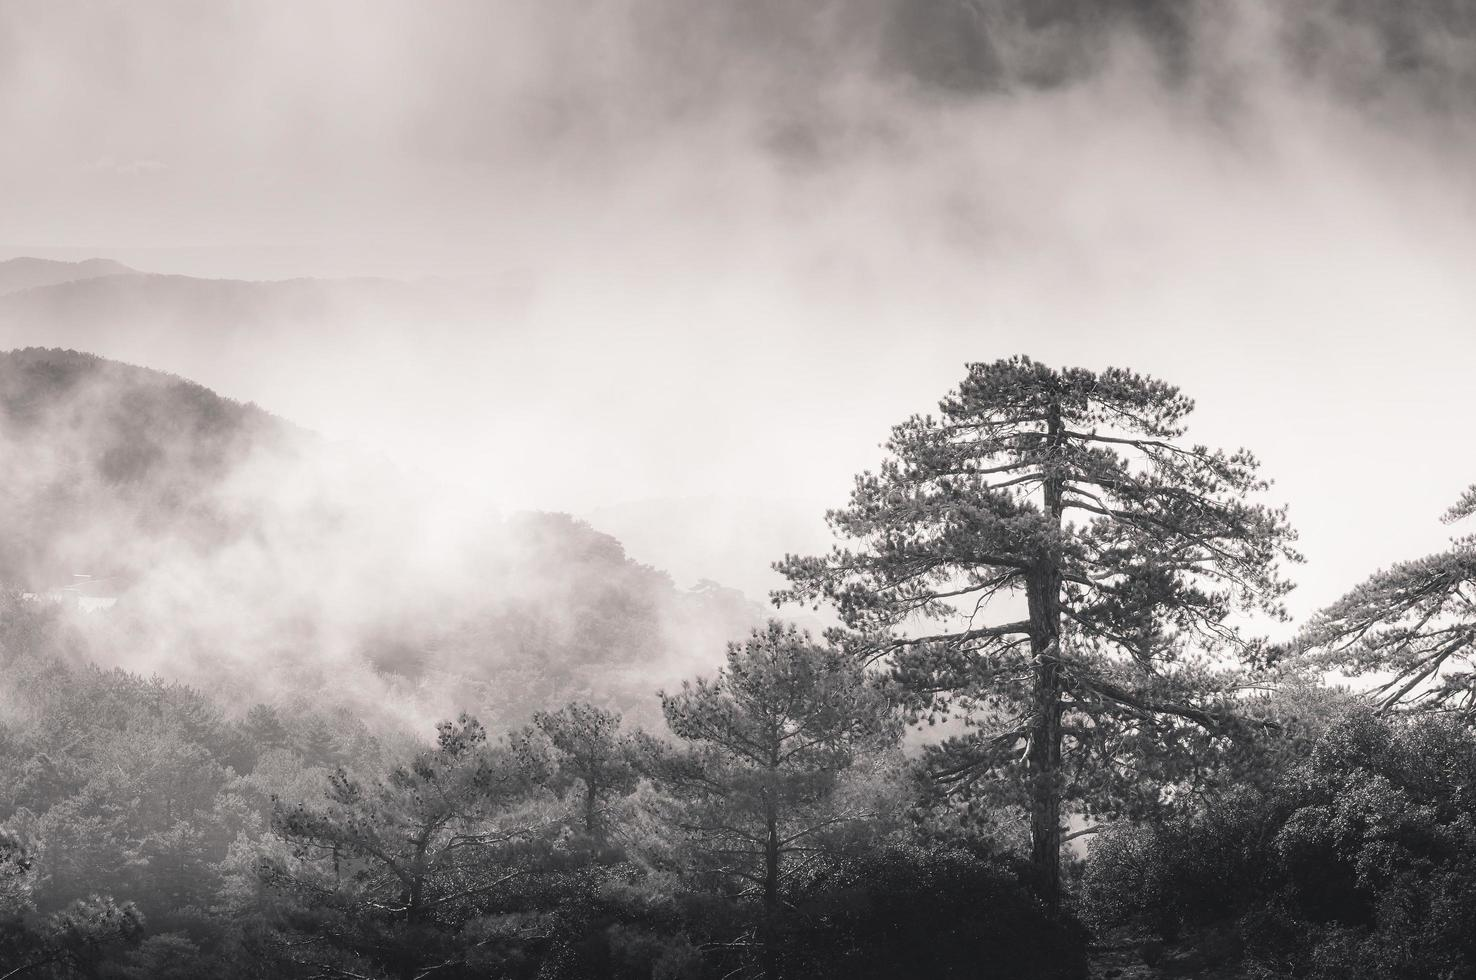 névoa de névoa subindo através dos pinheiros foto